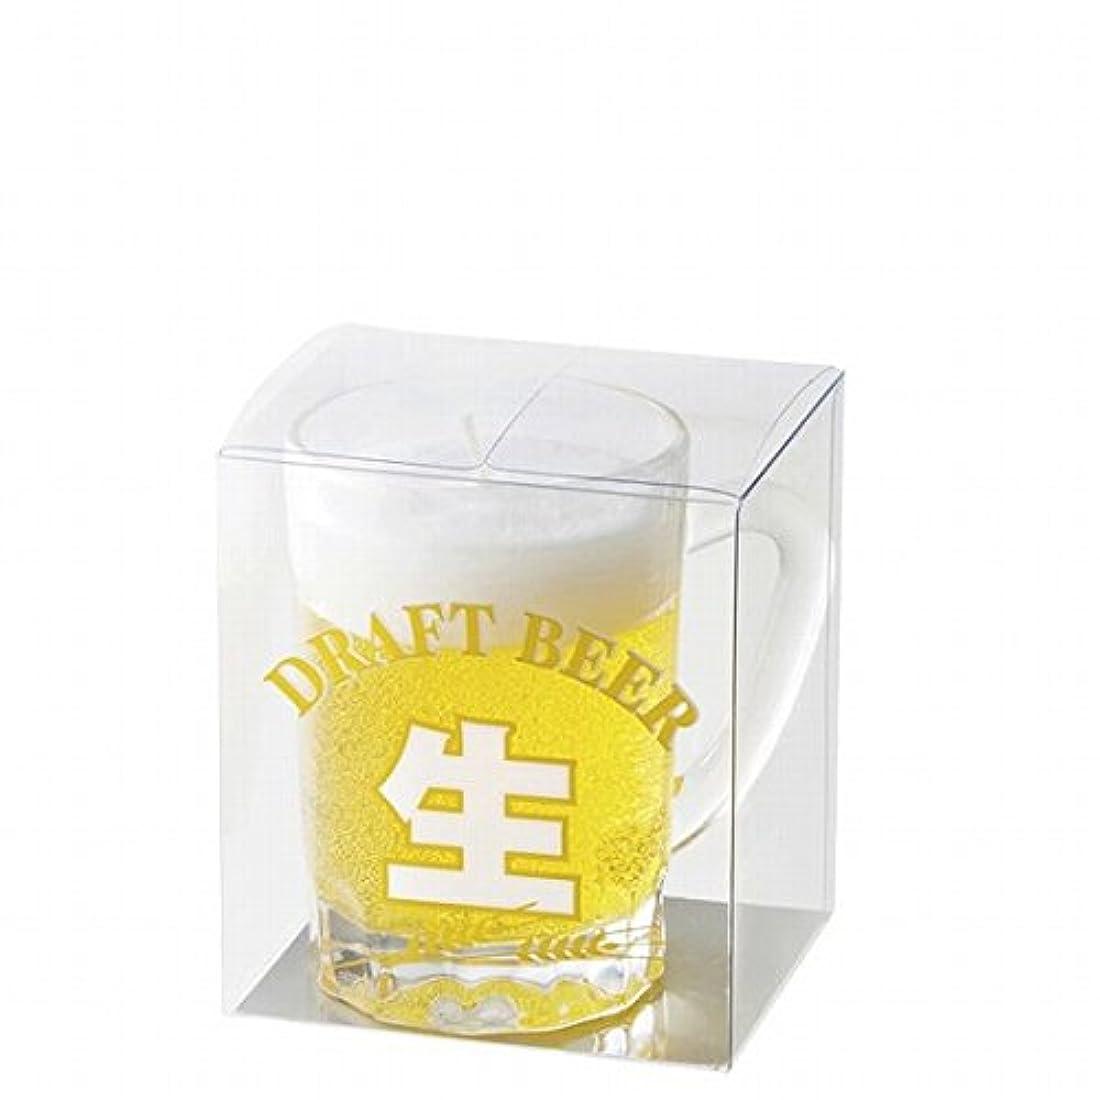 委員長達成するキリンカメヤマキャンドル(kameyama candle) ミニジョッキ キャンドル